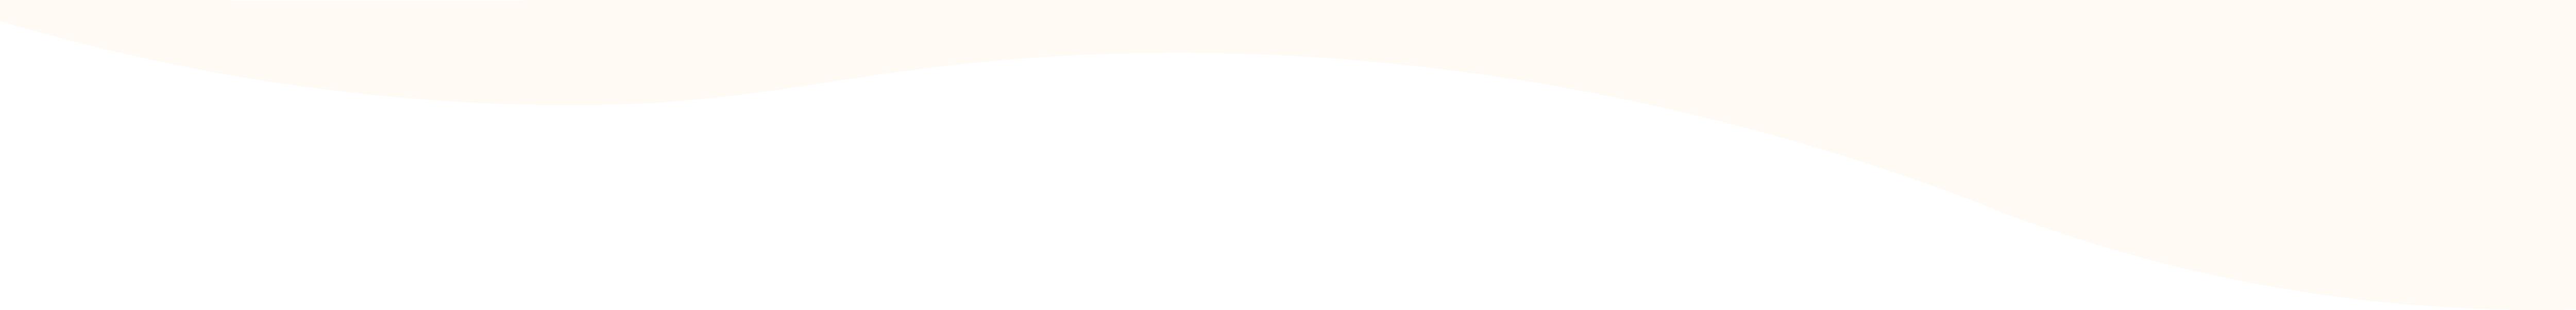 AGNS Studio, AGNS STUDIO, Sarah Caglione, Instagram Power Hour, Reels Mini Boot Camp, Mon défi reels, Studio social media, Experte Instagram, Social media manager, Vendre sur Instagram, Plan d'action Instagram, Formation Instagram, Développer son compte Instagram, Freebie Instagram, Guide gratuit Instagram, Conseils Instagram, Attirer des clients avec Instagram, Stratégie Instagram, Se lancer dans les reels, Reels Instagram, Conseils Instagram, Tendances Instagram, Actualités Instagram, Coaching 1:1, Coaching 1:1 Instagram, Atelier Instagram, Coaching Instagram, Booster son Instagram, Communication sur Instagram, Optimiser son compte Instagram